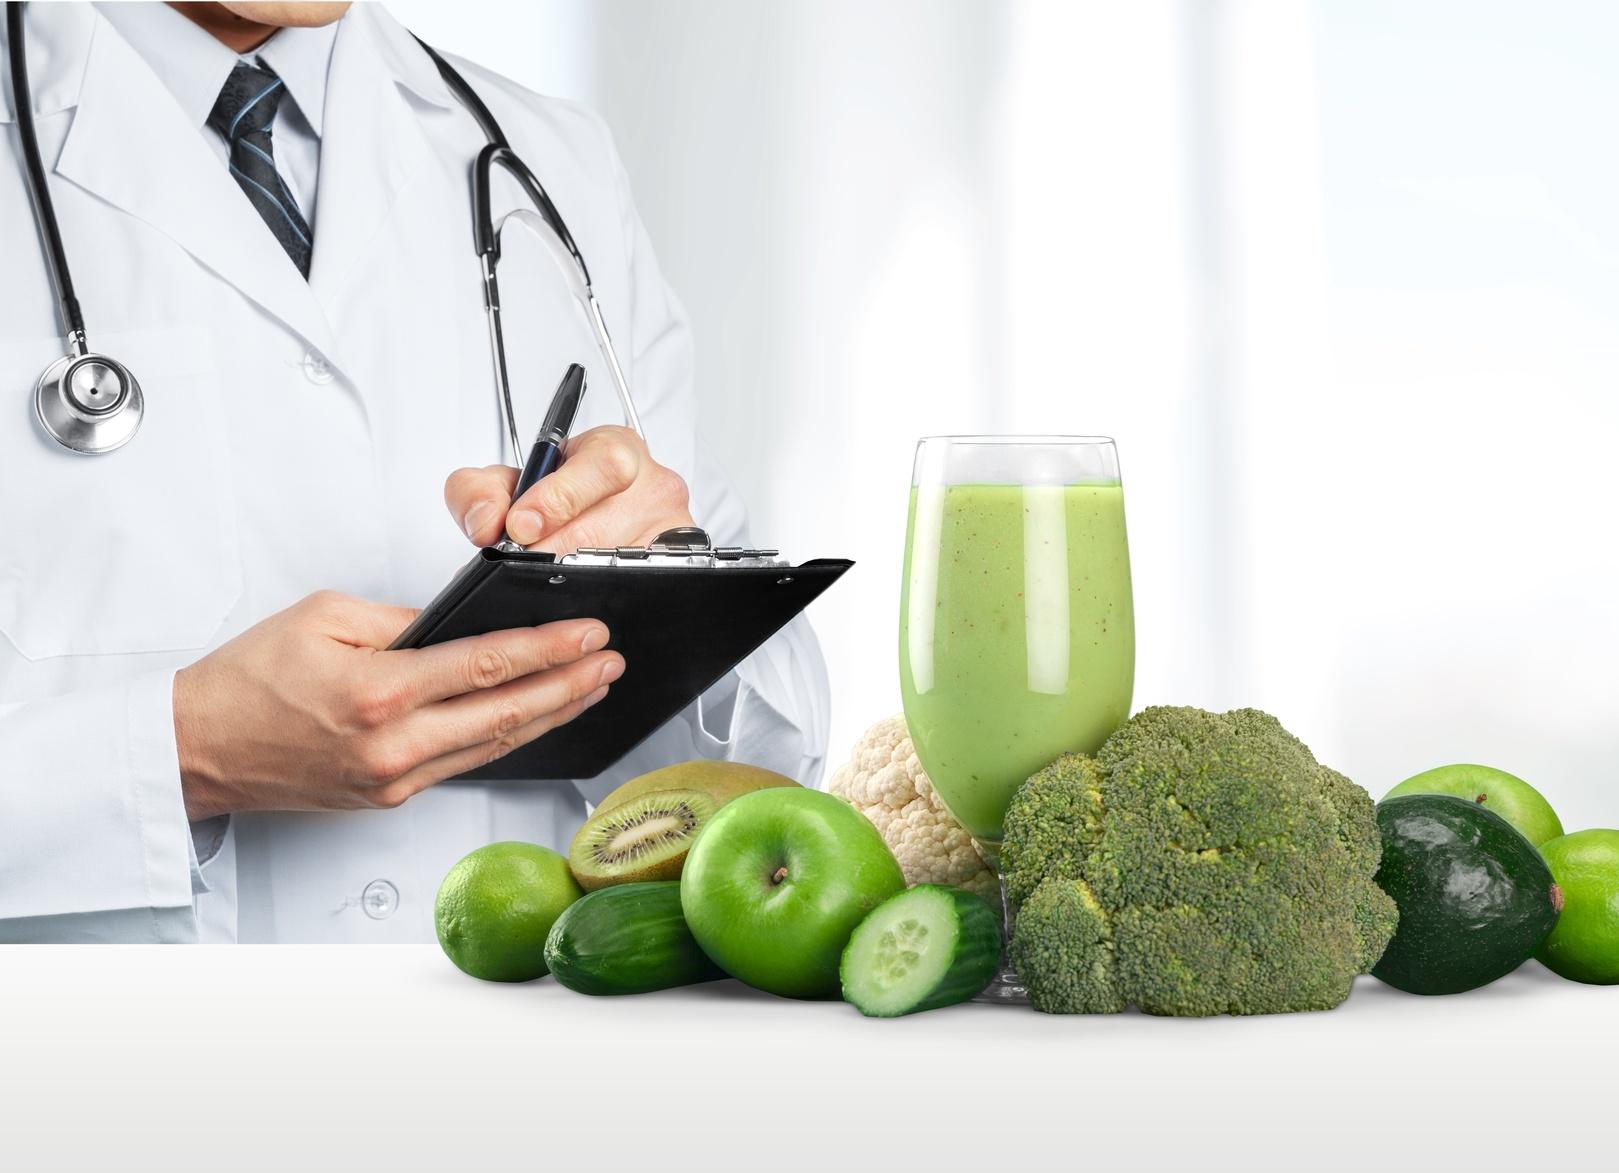 Les fruits et l gumes de saison pour pr parer des jus frais - Fruits et legumes de a a z ...